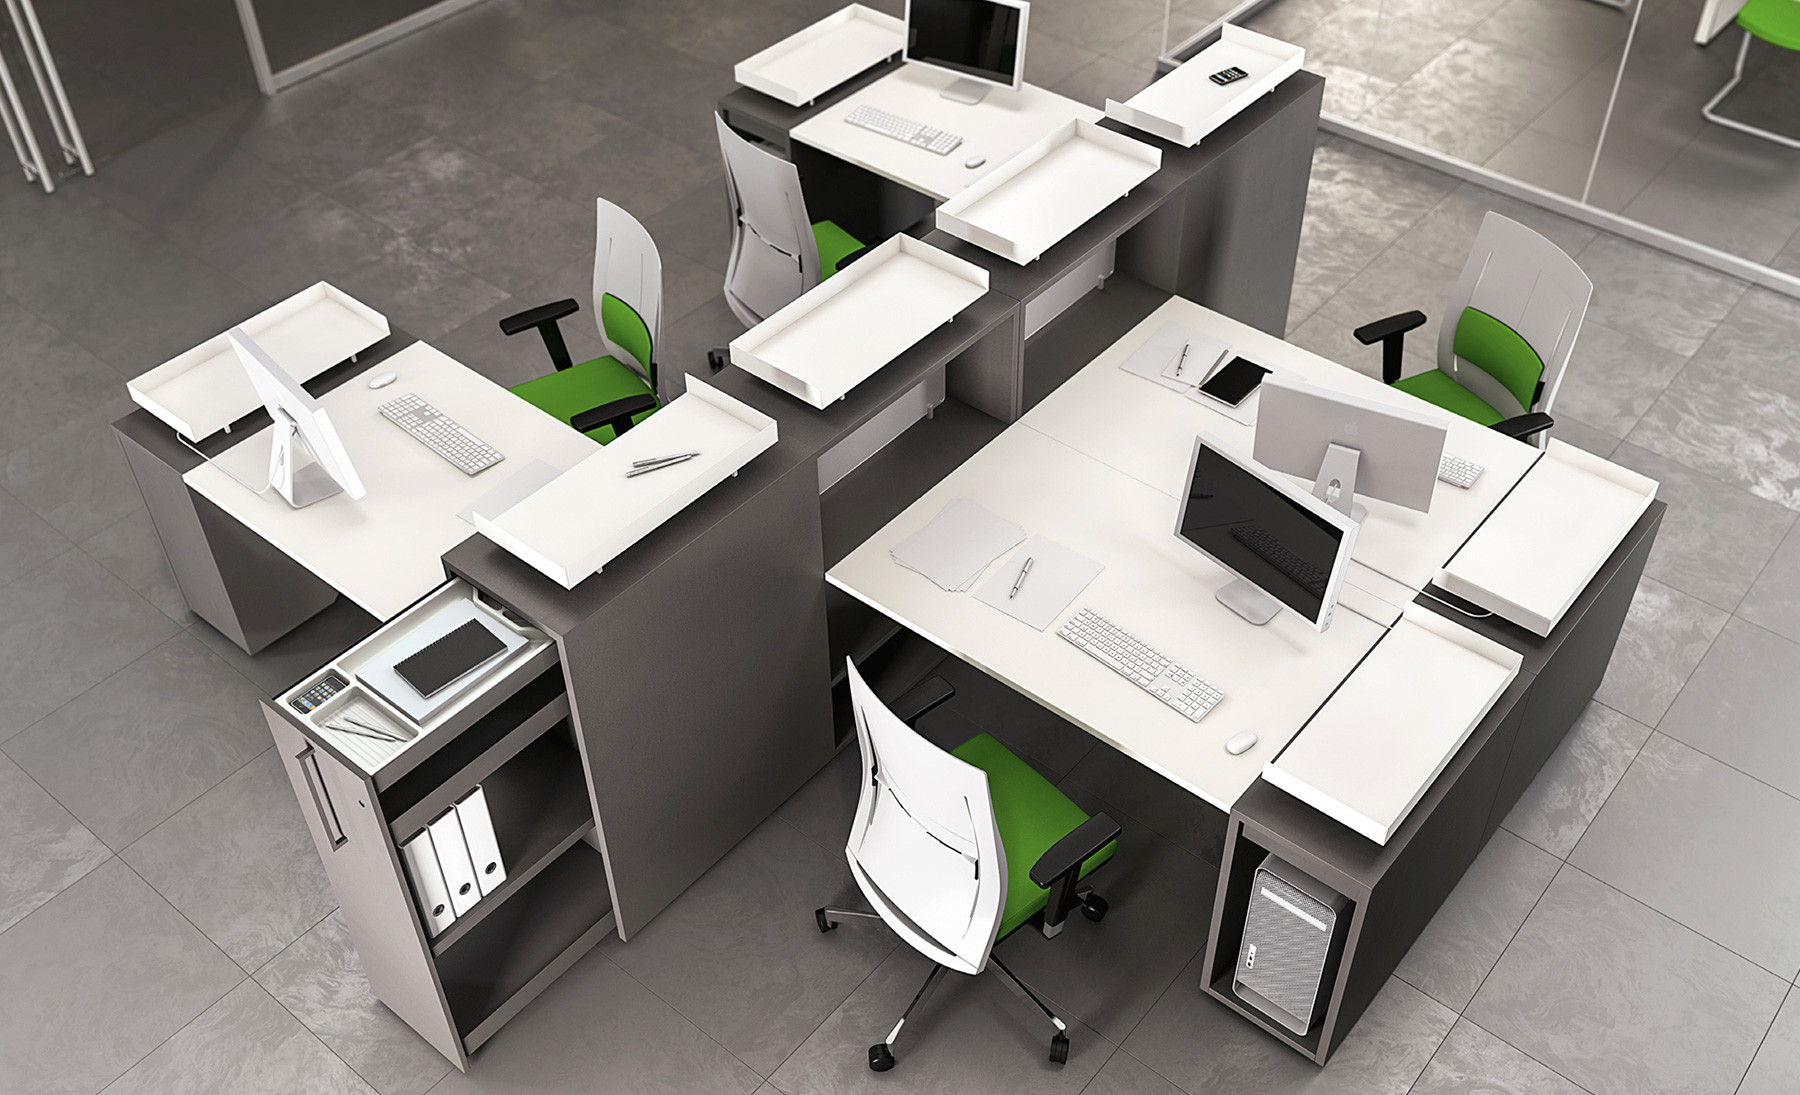 Scrivania Ufficio Su Misura : Alcuni consigli per scegliere bene la scrivania operativa ufficio